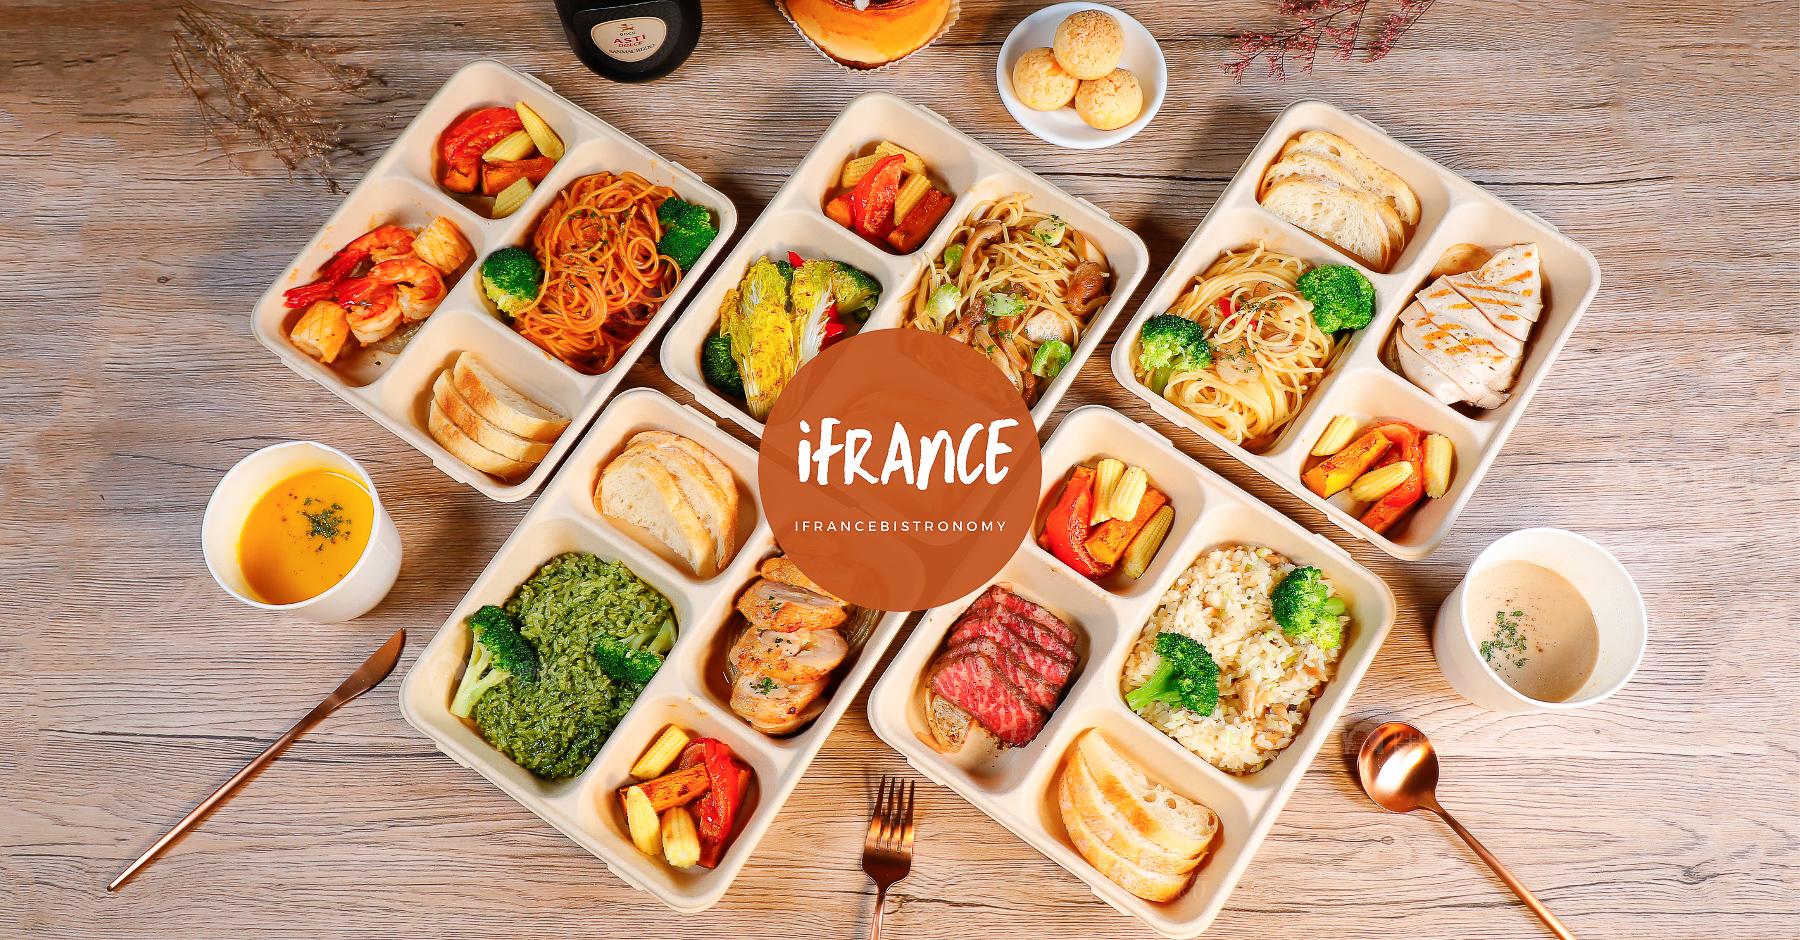 宜蘭質感外帶便當推薦|愛法餐廳|超享受在家輕鬆吃宜蘭風格的法式料理義大利麵料理包麵包菜單